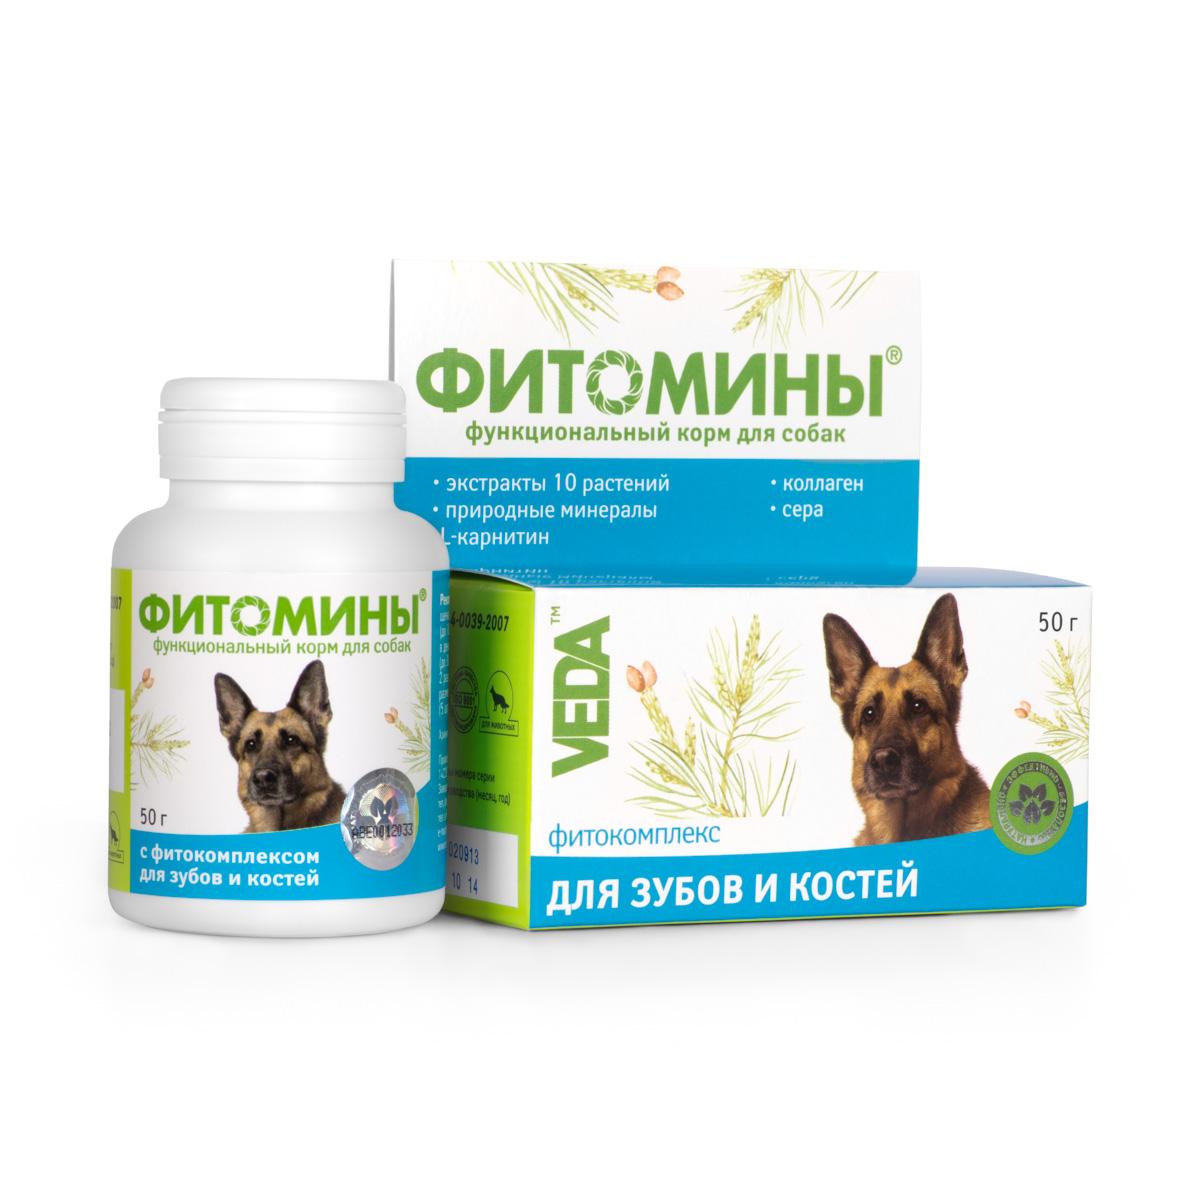 Корм функциональный для собак VEDA Фитомины, с фитокомплексом для зубов и костей, 50 г616Функциональный корм для собак VEDA Фитомины регулирует фосфорно-кальциевый обмен организма. Рекомендуется для систематического употребления в составе кормовых рационов щенков, беременных и кормящих собак, а также взрослых и стареющих собак с заболеваниями костей и зубов, пародонтозом, травмами и переломами, после хирургических операций, при «вымывании» кальция из костей.Товар сертифицирован.